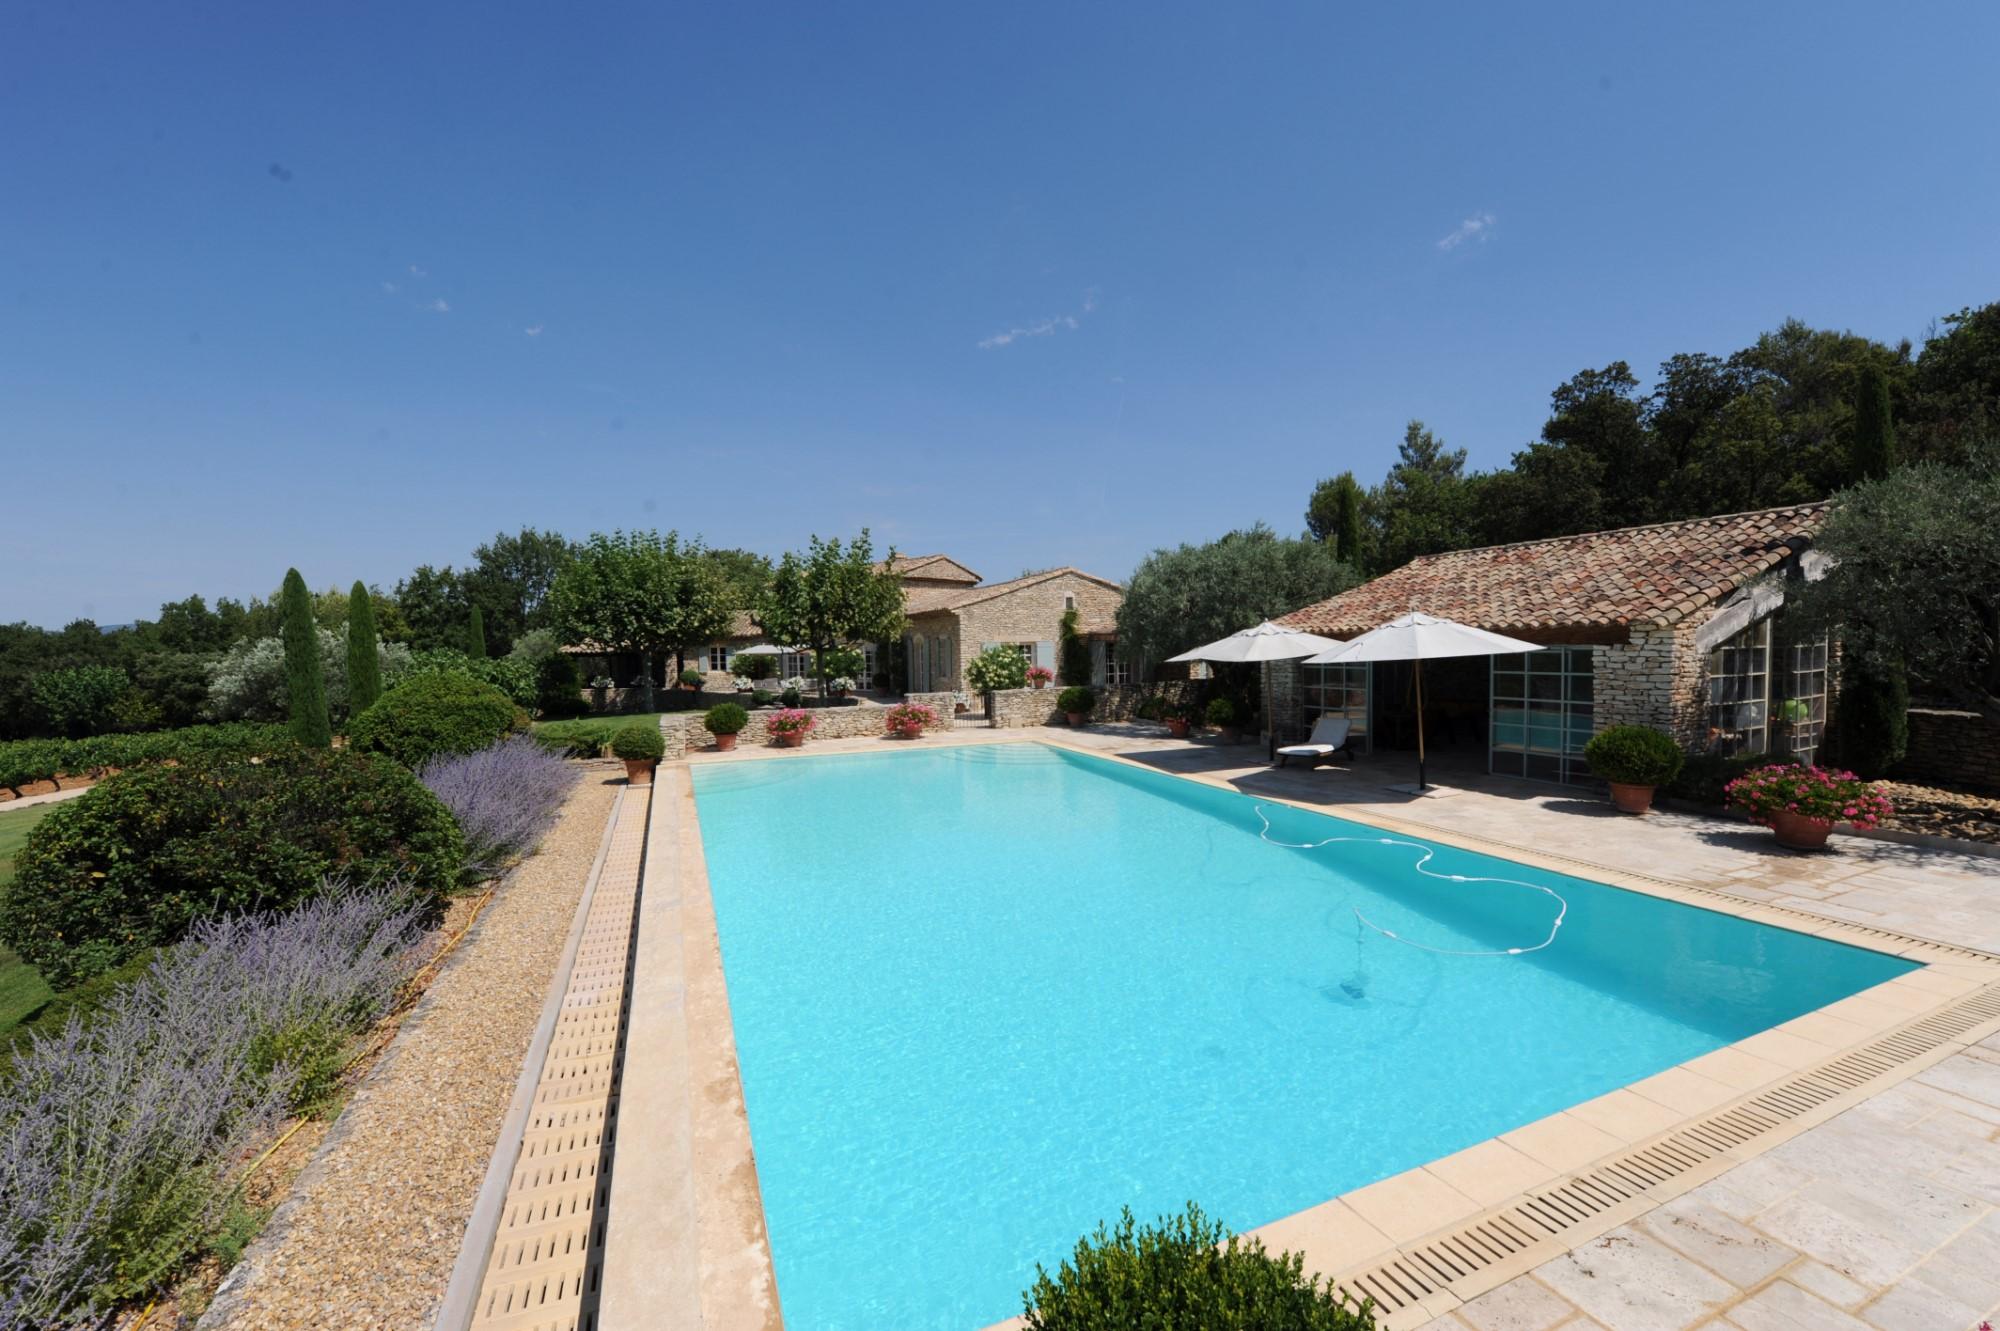 Propriété de prestige comprenant une maison principale et une maison d'amis à vendre dans le Luberon